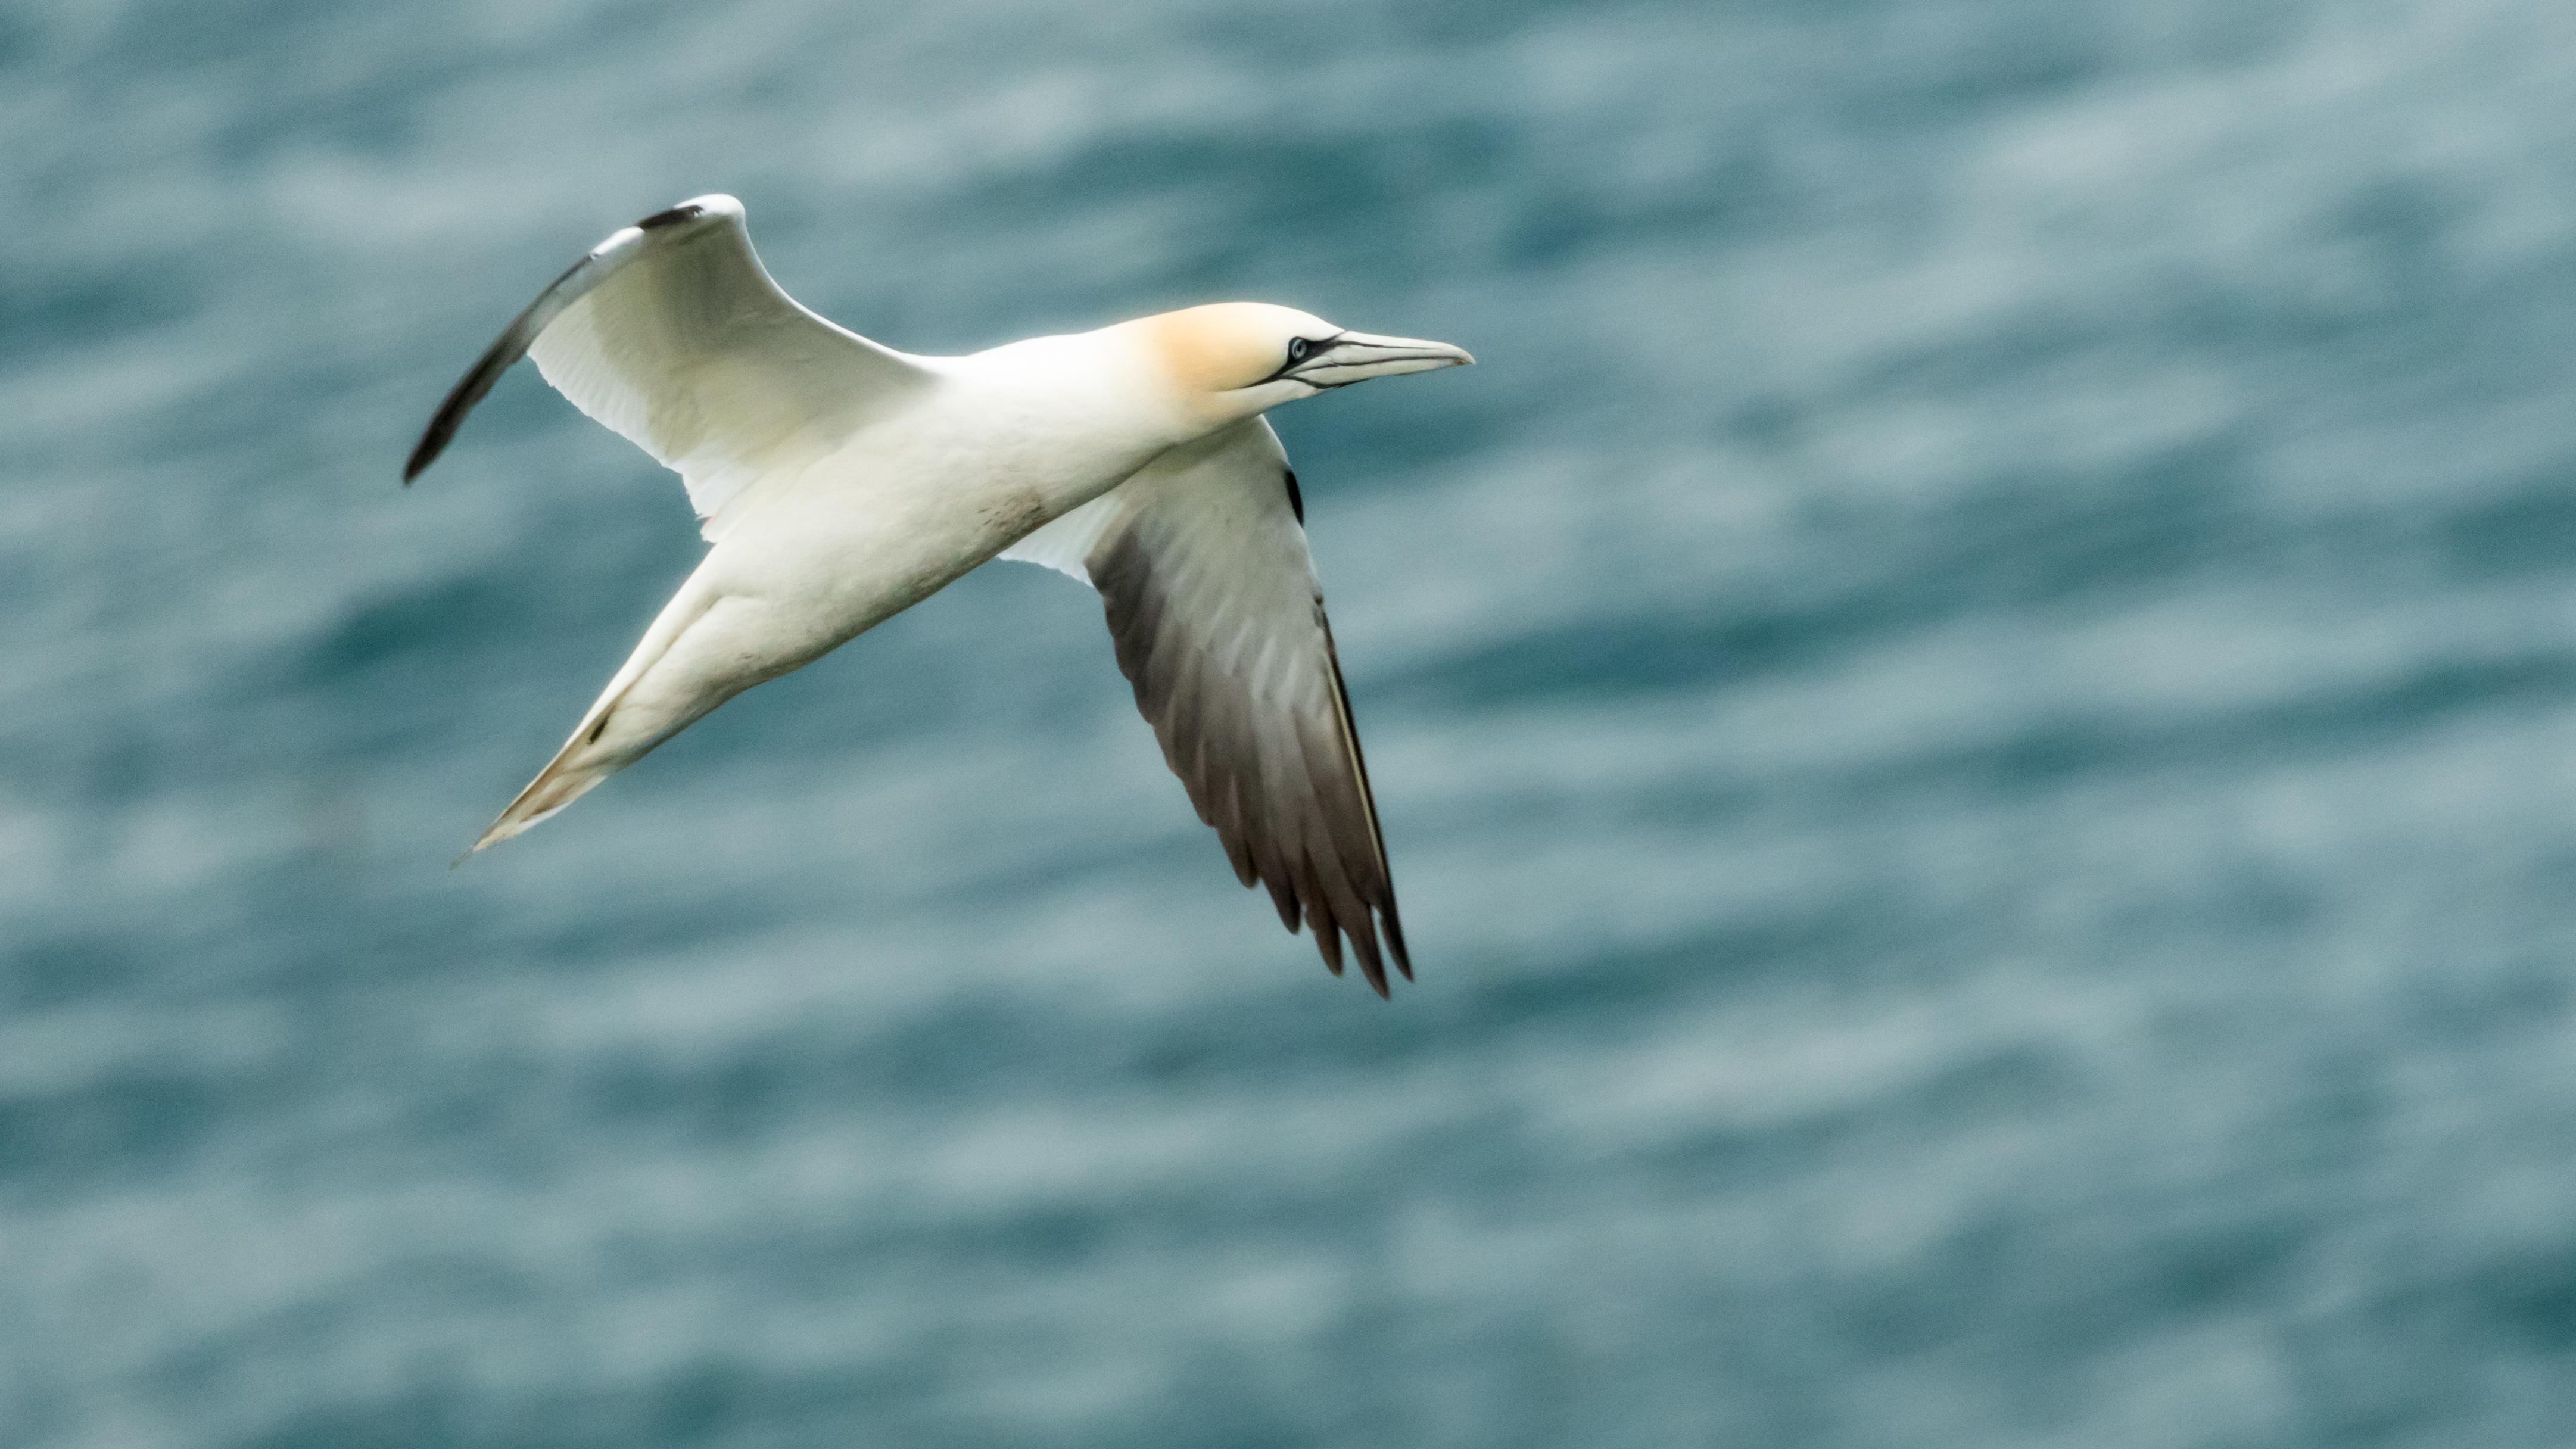 Gannet ascending